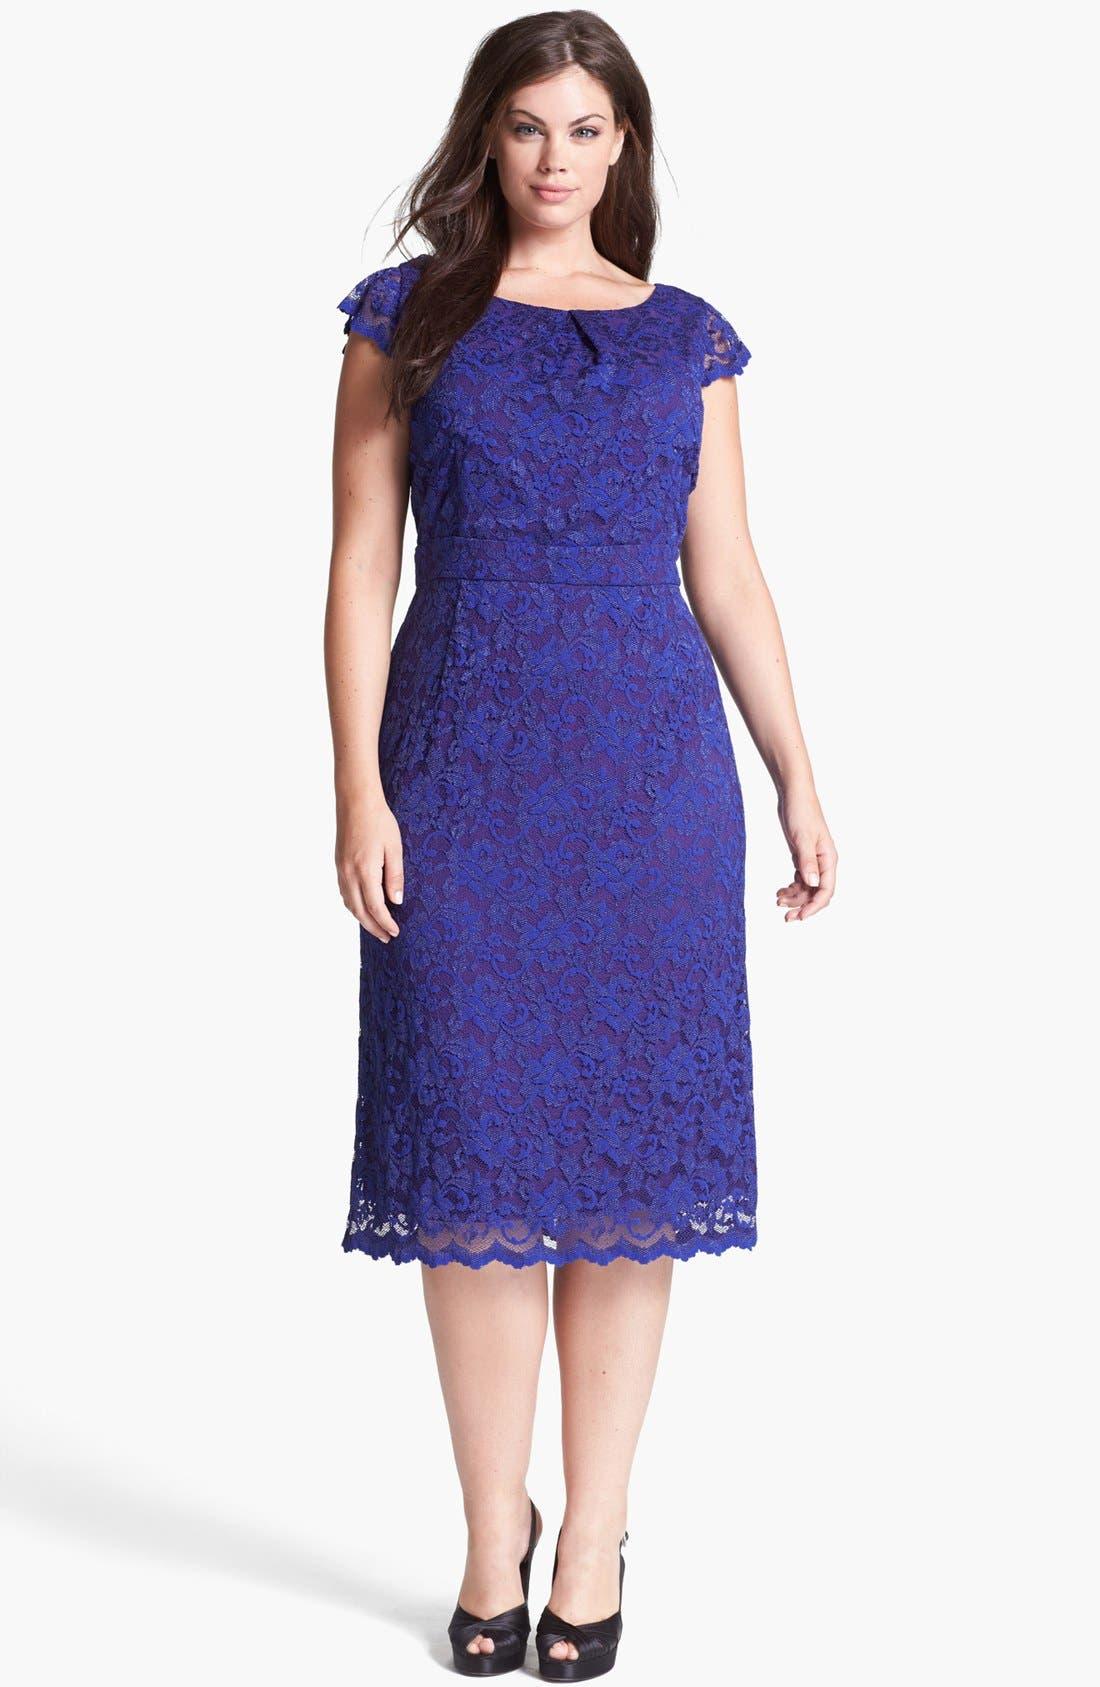 Main Image - ABS by Allen Schwartz Lace Pencil Dress (Plus Size)